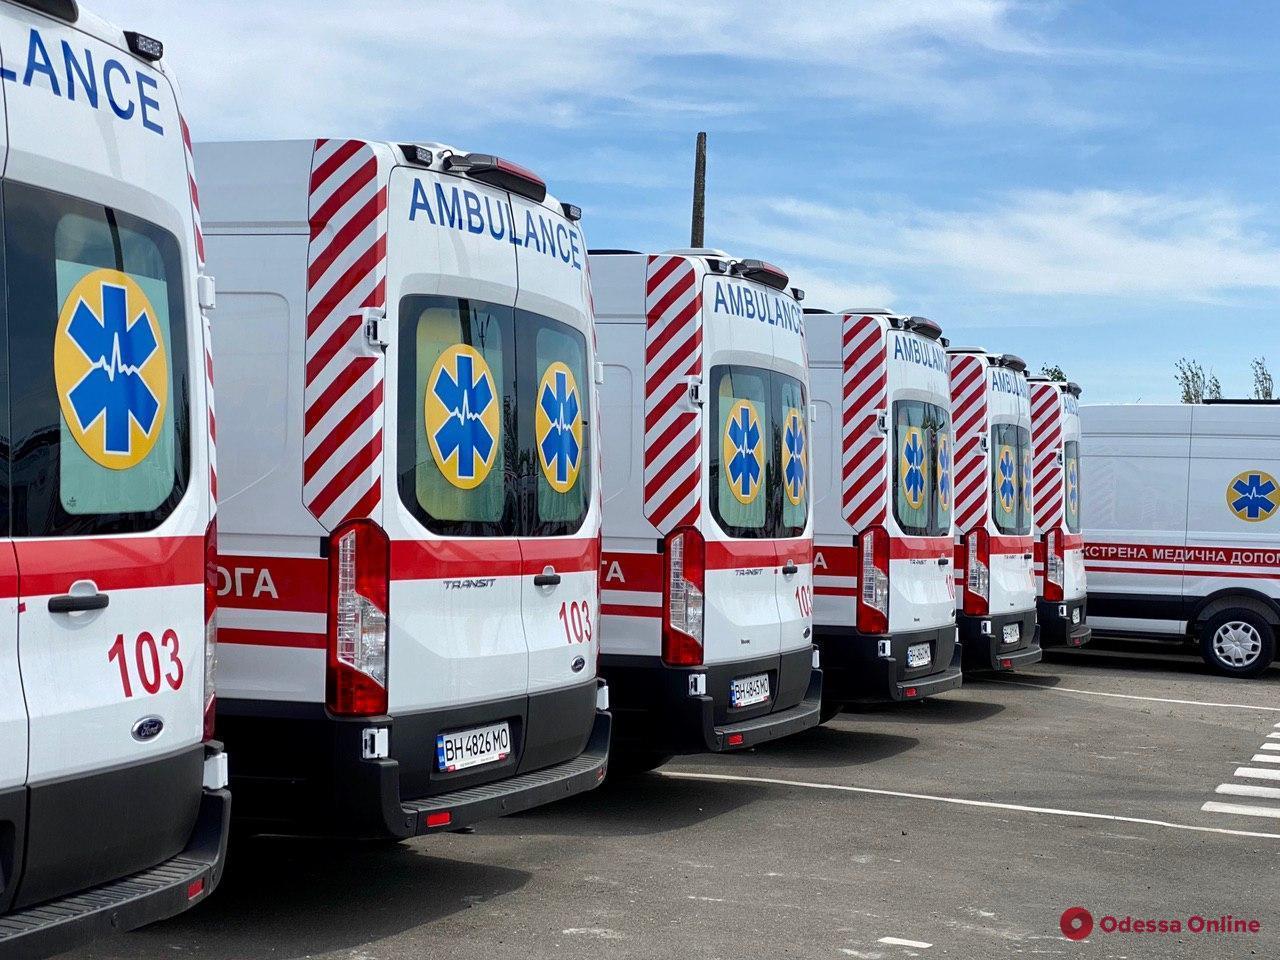 Медики из восьми районов Одесской области получили новые автомобили скорой помощи (фото)